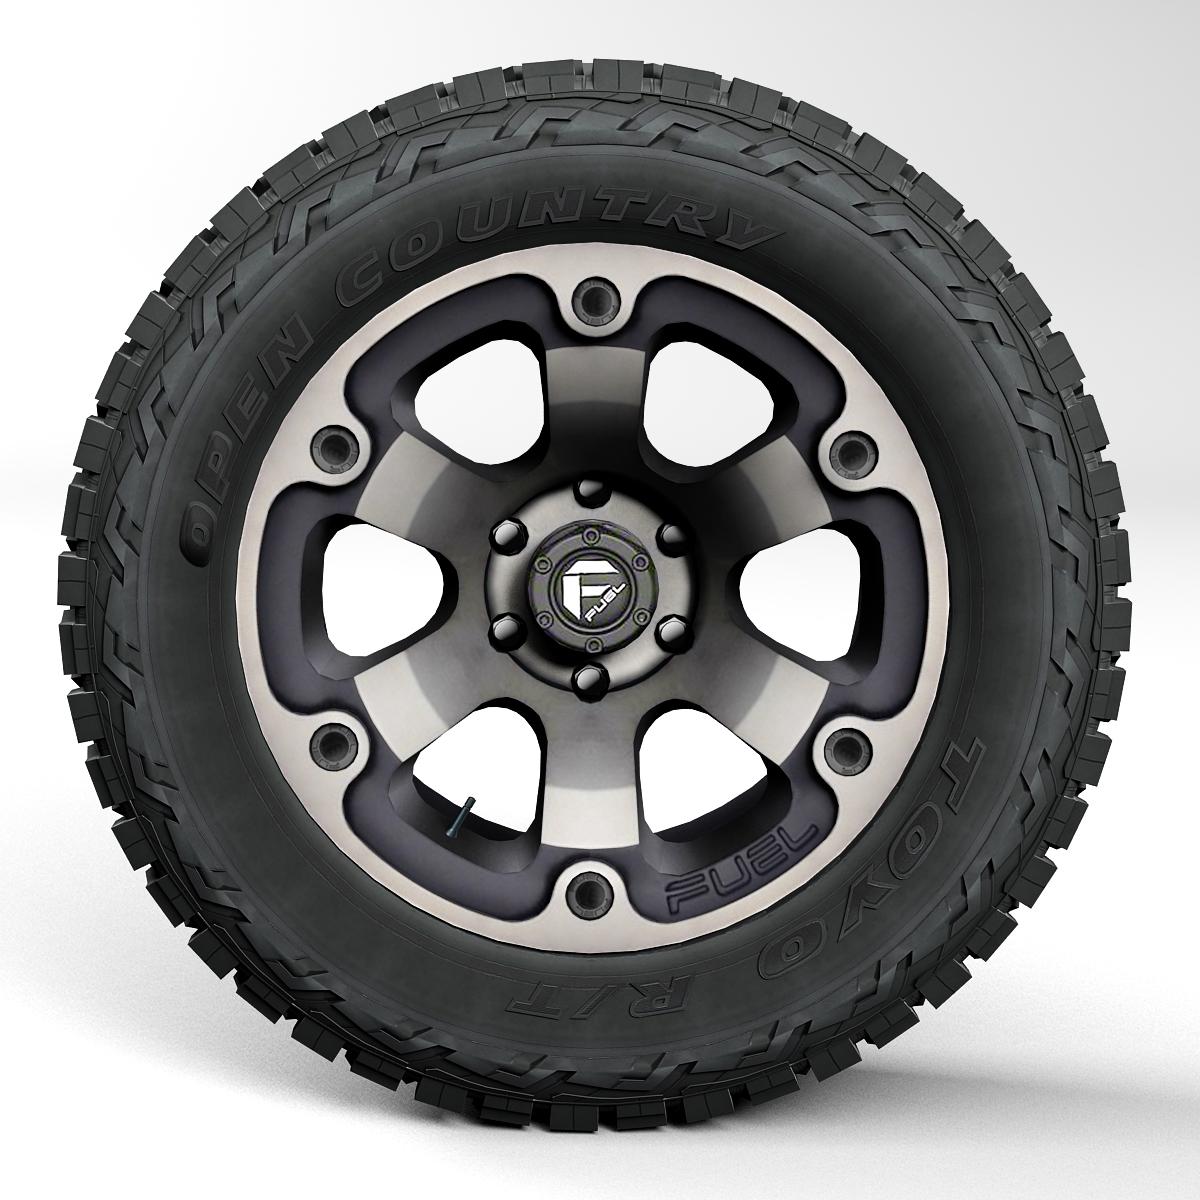 off road wheel and tire 2 3d model 3ds max fbx tga targa icb vda vst pix obj 224418